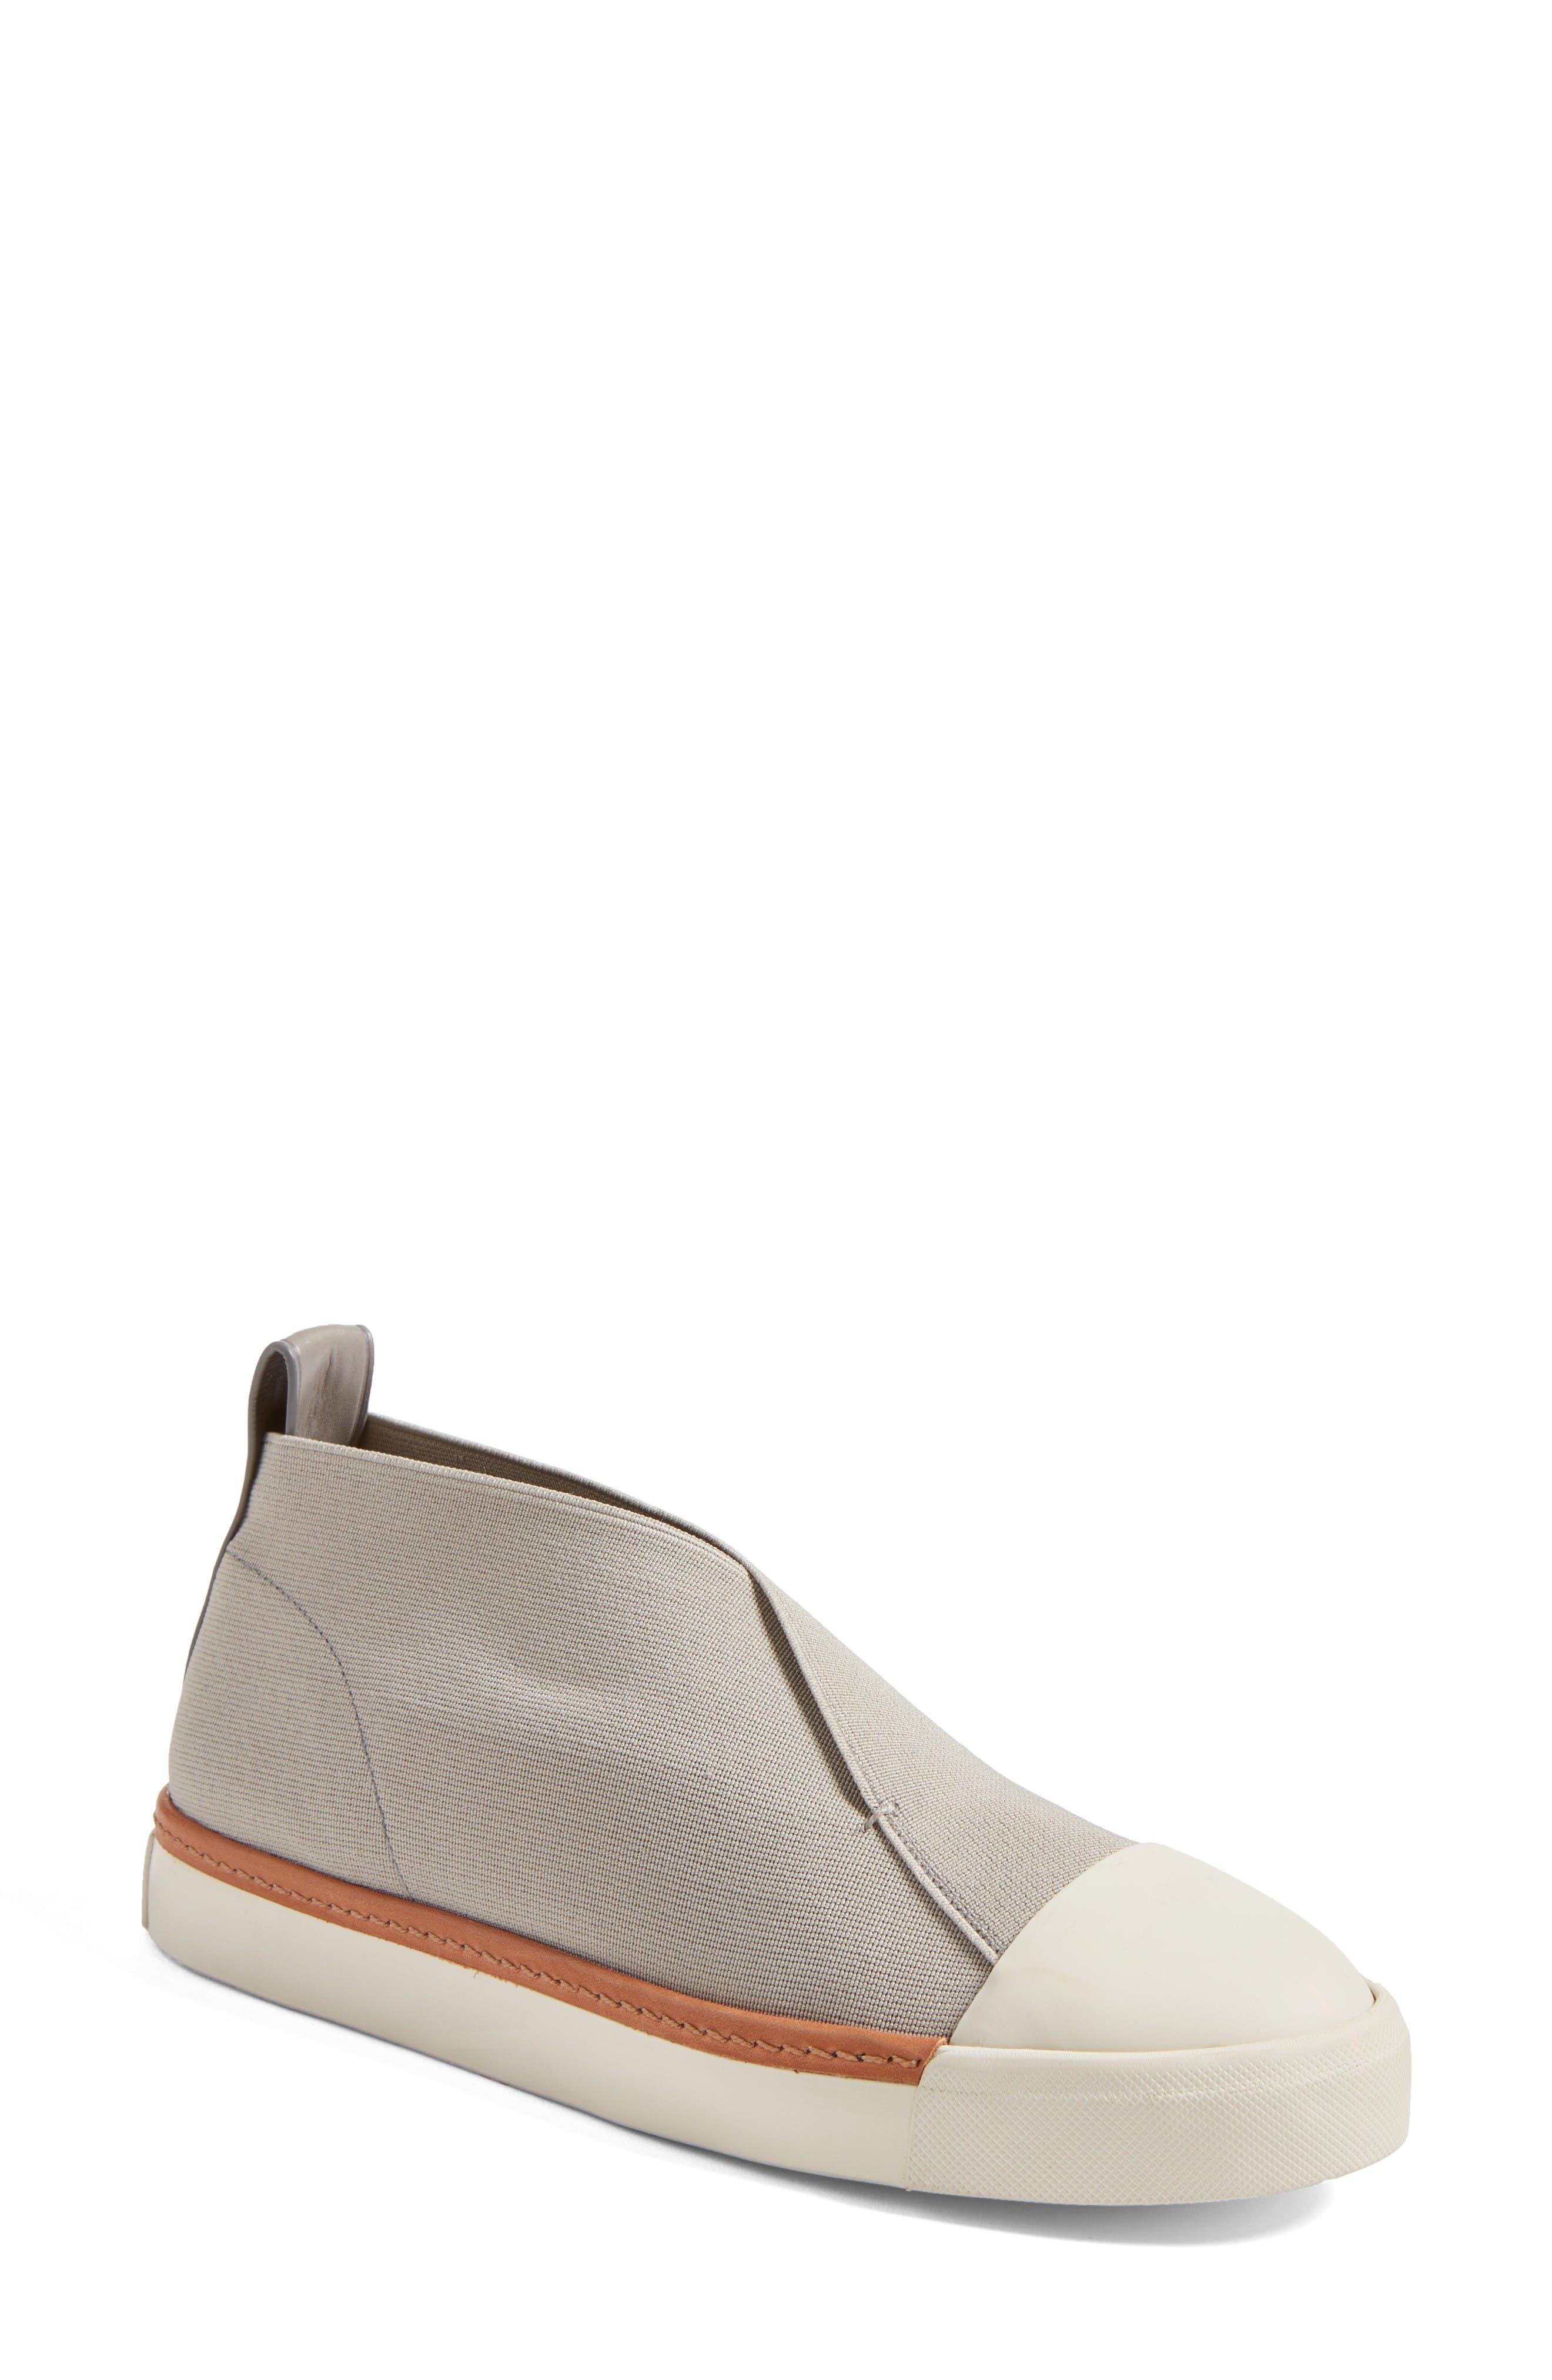 MERCEDES CASTILLO Thana Slip-On Sneaker